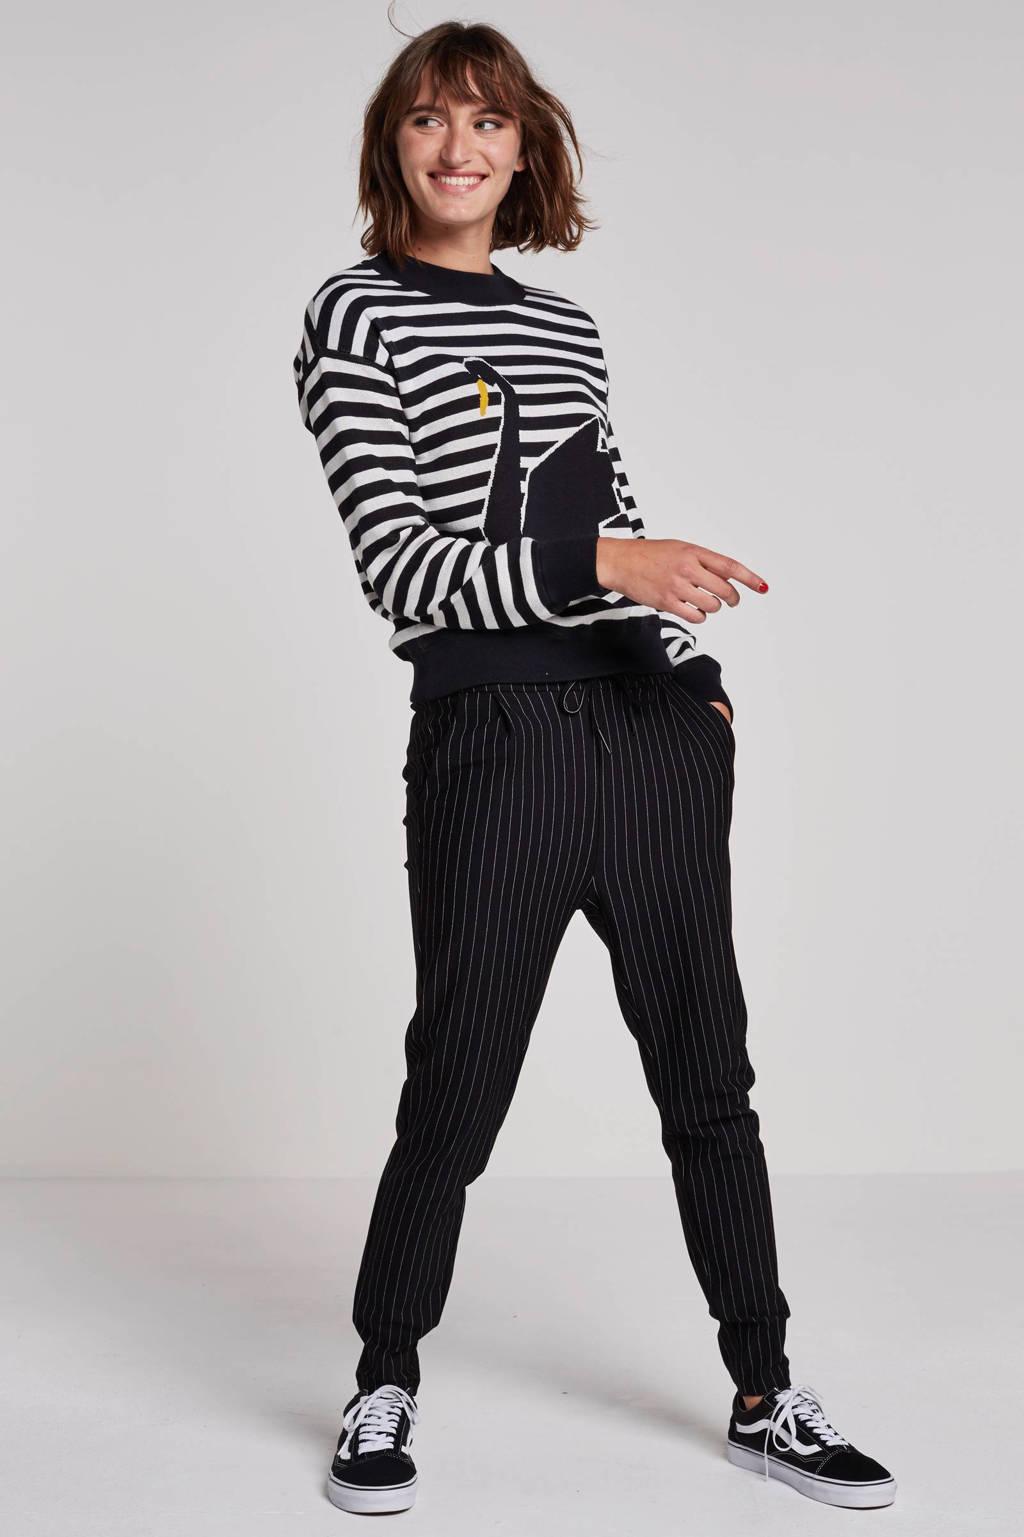 VERO MODA broek met streepdessin, Zwart/wit